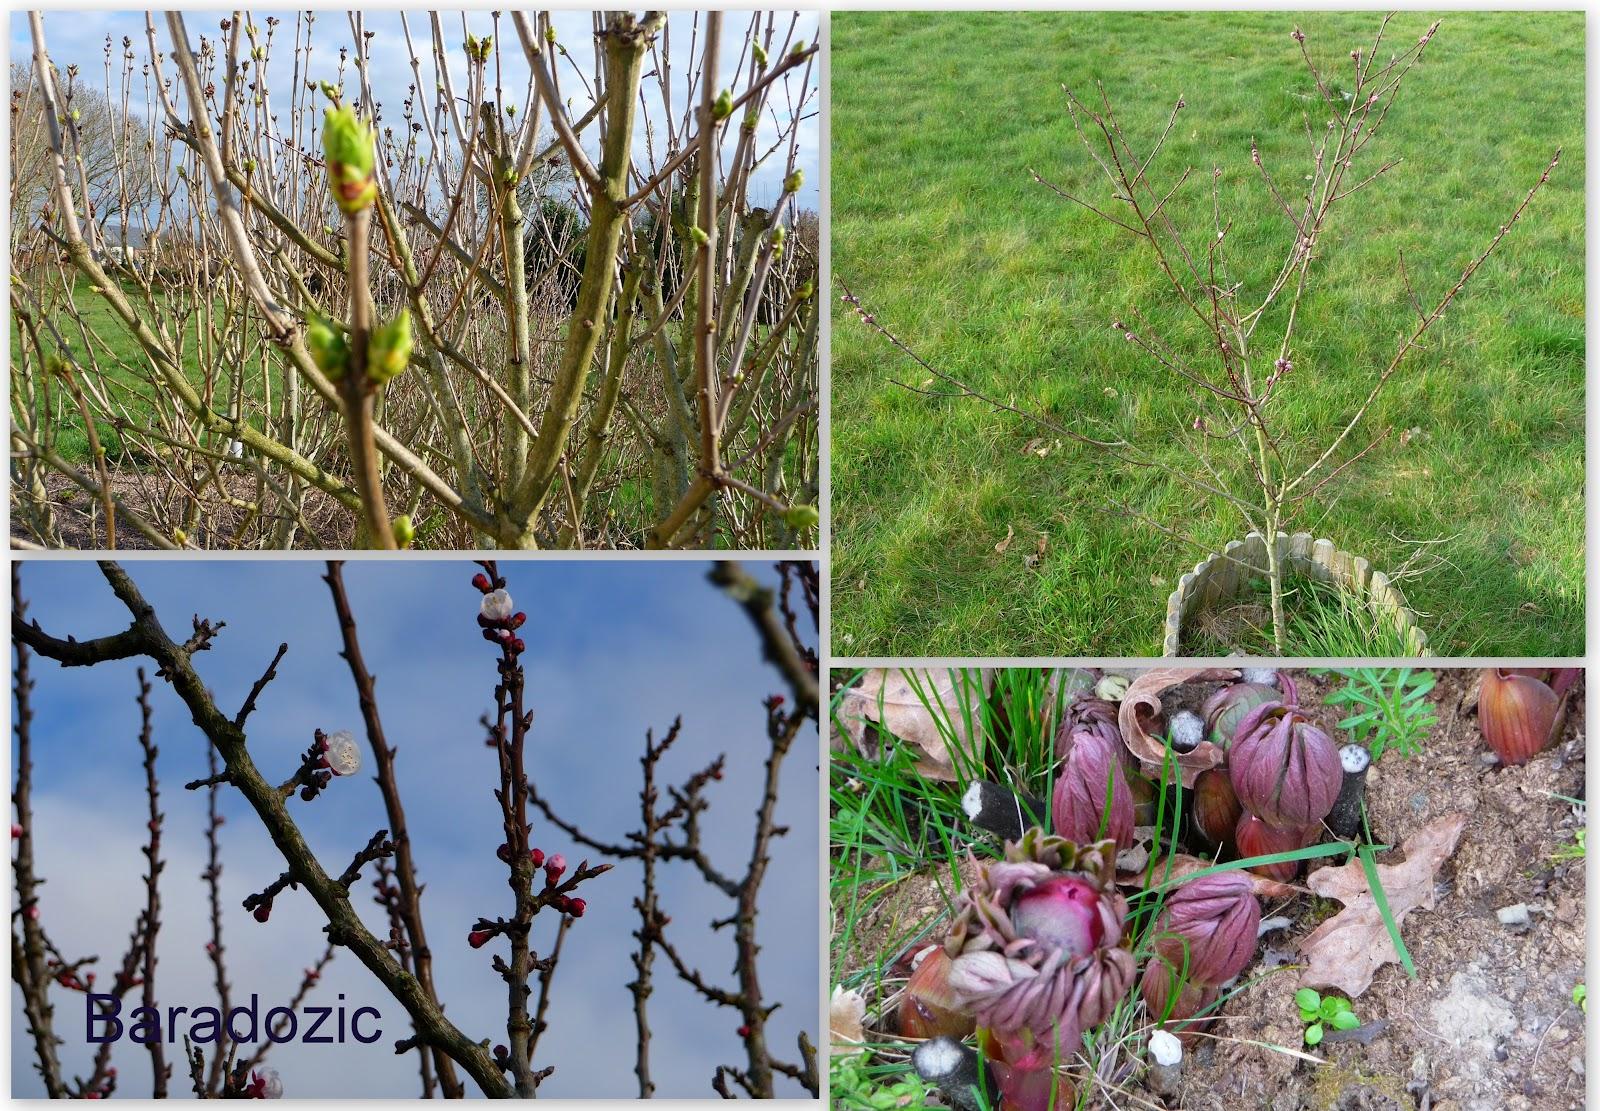 C 39 est le printemps au jardin les d lices de baradozic for Jardin 4 moineaux